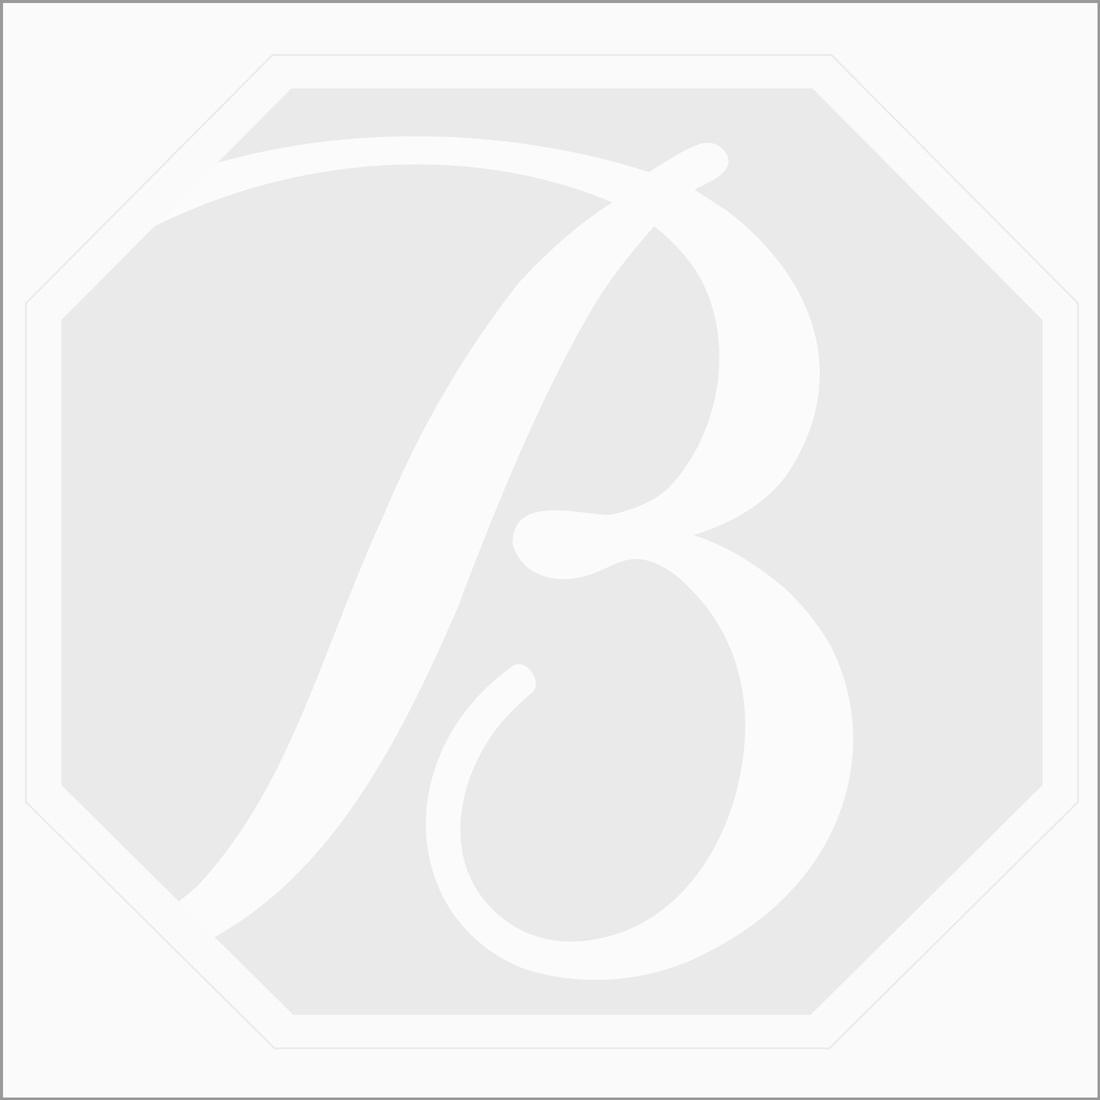 Multi Sapphire Briolettes - 1 Line - 84.50 carats - 15 inches - (MSDF1014)